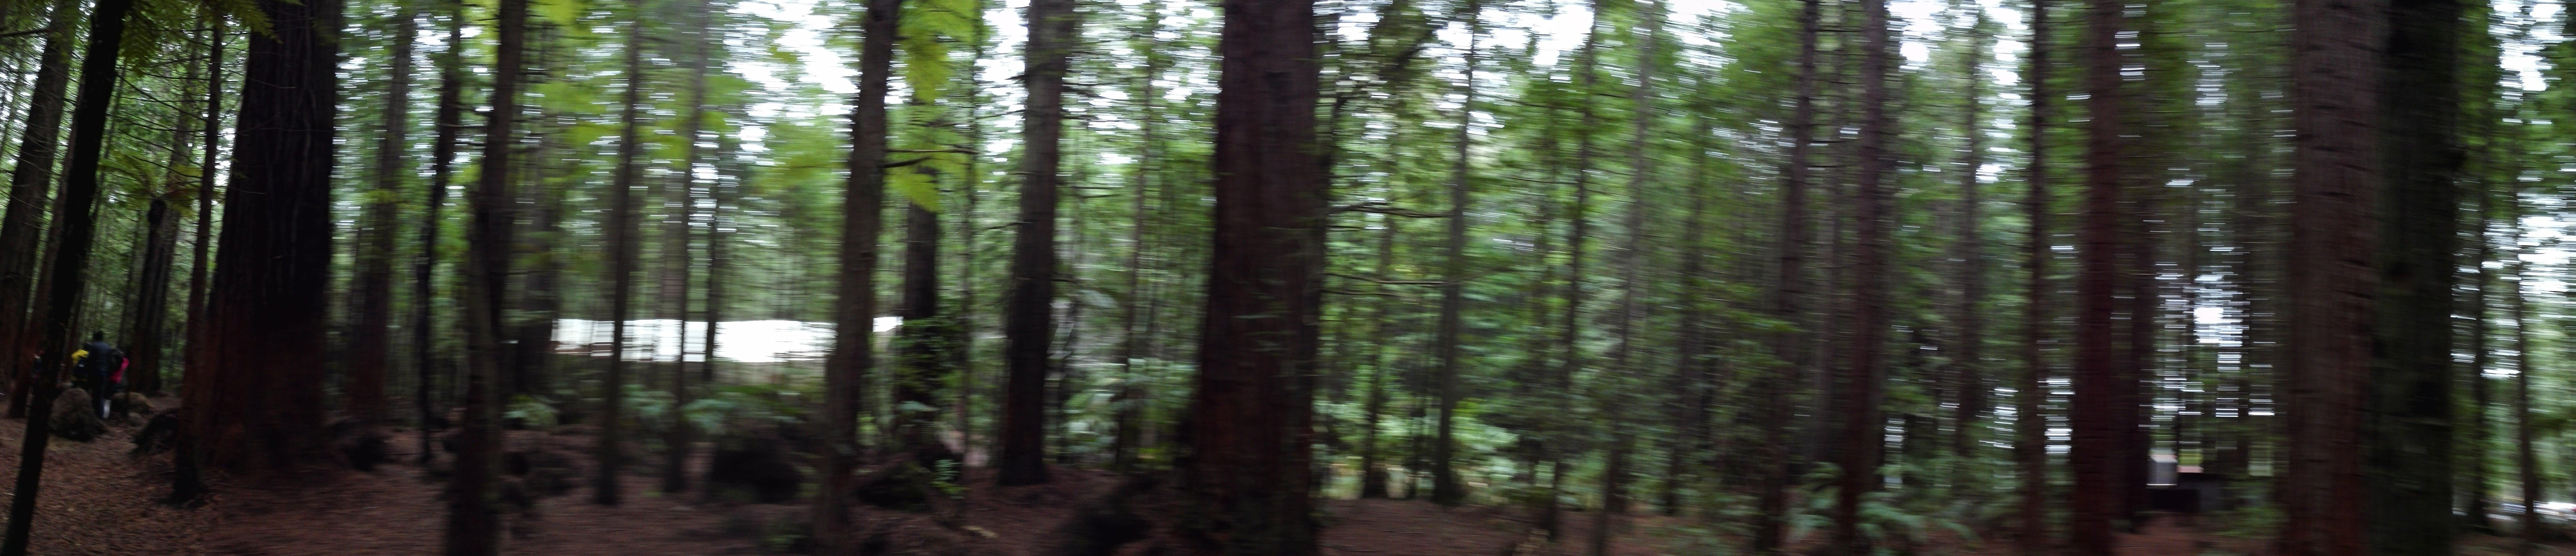 在今天從奧克蘭前往羅托魯阿的途中,除了大片的田園風光外,我們也曾看到森林茂密的山巒,在新西蘭這個溫帶國度,樹木的生長速度還是很快的。這片離開羅托魯阿市區不遠的紅木森林是新西蘭政府1901年試種的,當時引進了上百種美國紅木,經過自然淘汰存活約三分之一的品種。在當地獨特的地熱資源影響下,這些紅木經過百年生長卻得到幾乎相當于其他地區上千年樹齡紅木的粗壯。下車走進茂密的森林,高大粗壯的紅木筆直挺拔,濃蔭蔽日陽光散射空氣清新。導游帶領我們走進離開停車場不遠的森林附近,觀賞一株七仙女的獨特樹木,實際就是一株紅木倒下